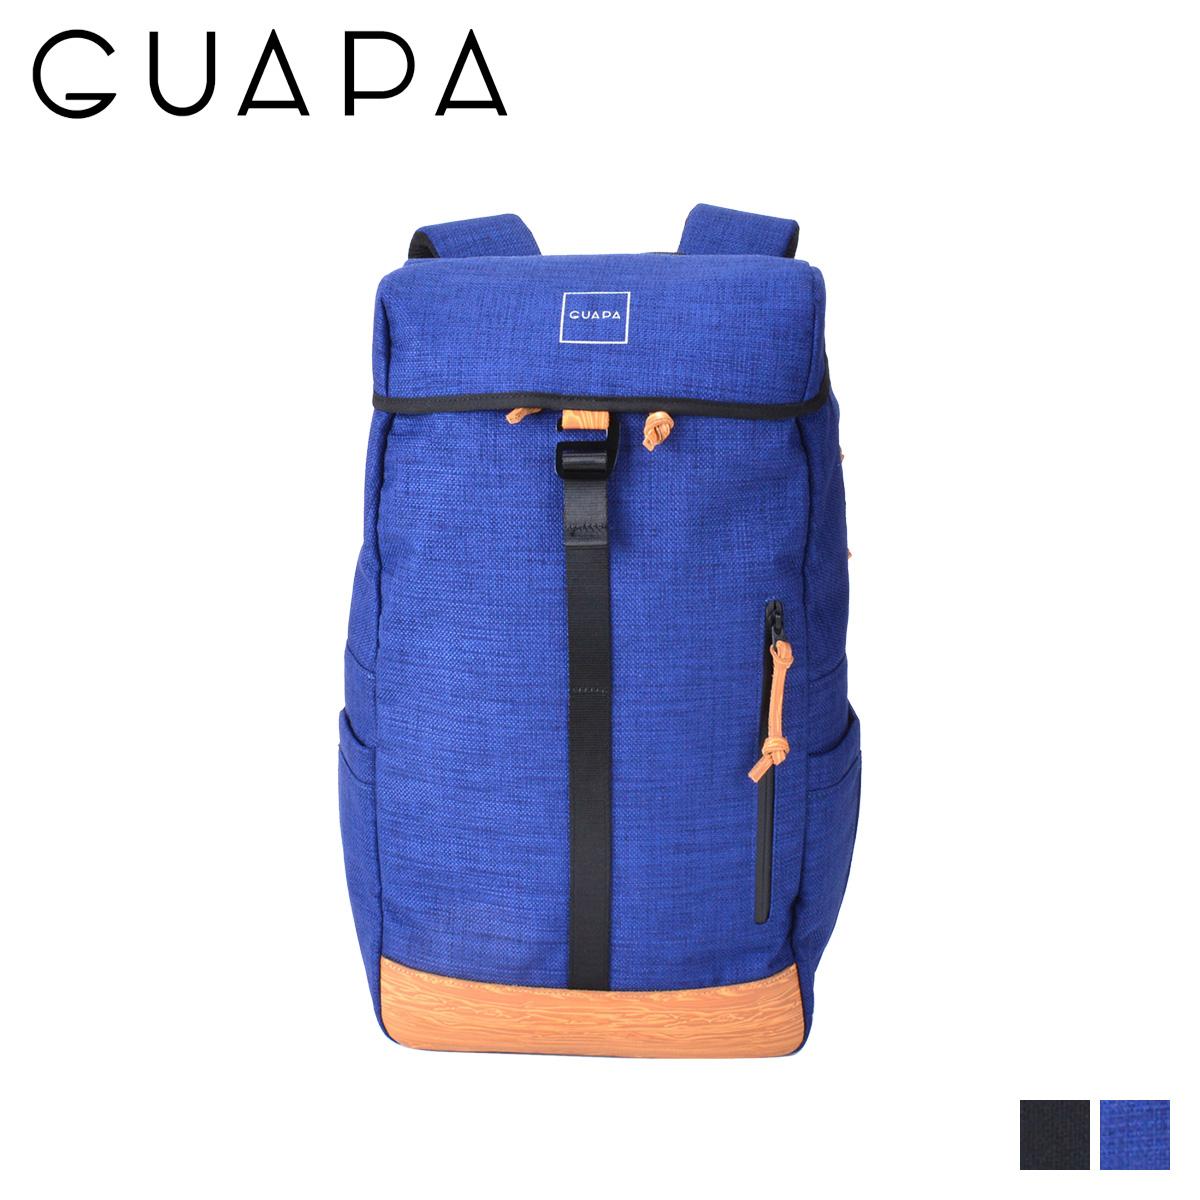 グアパ GUAPA リュック バッグ バックパック メンズ レディース 18L DONAU SERIES ブラック ネイビー 黒 51003